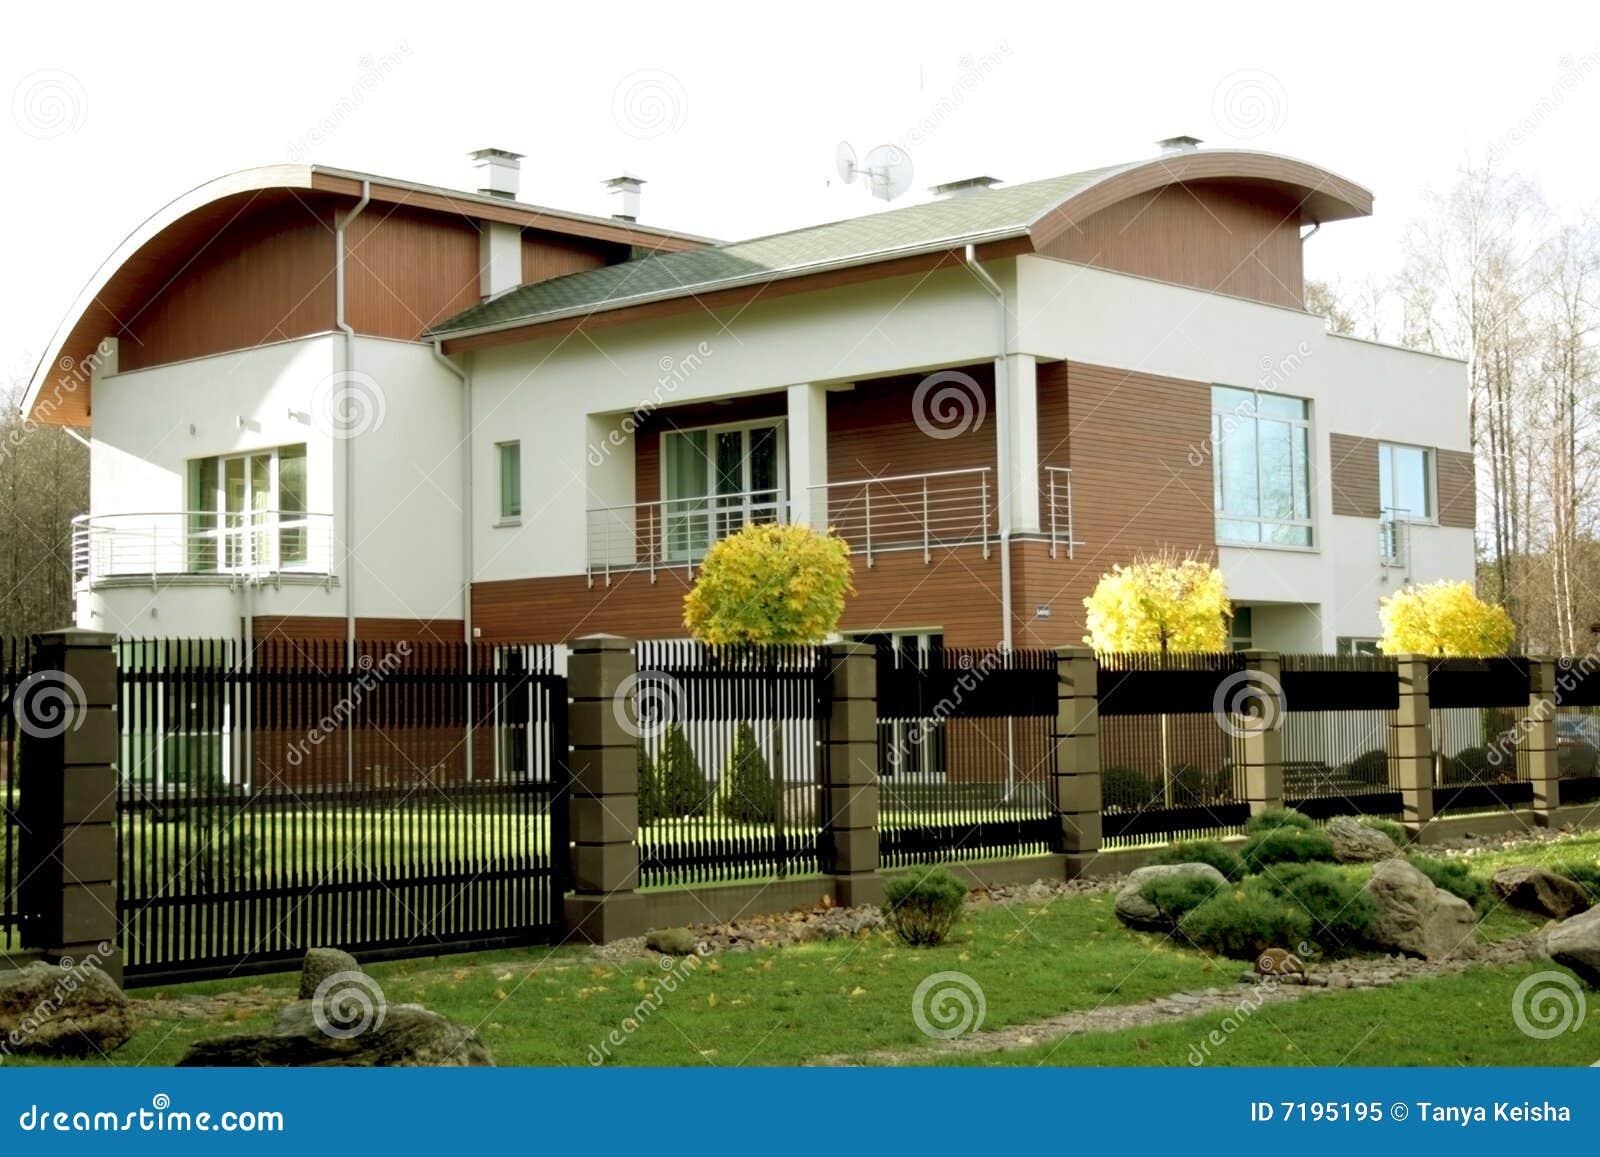 Architecte maison contemporaine maison moderne for Architecte de maison moderne